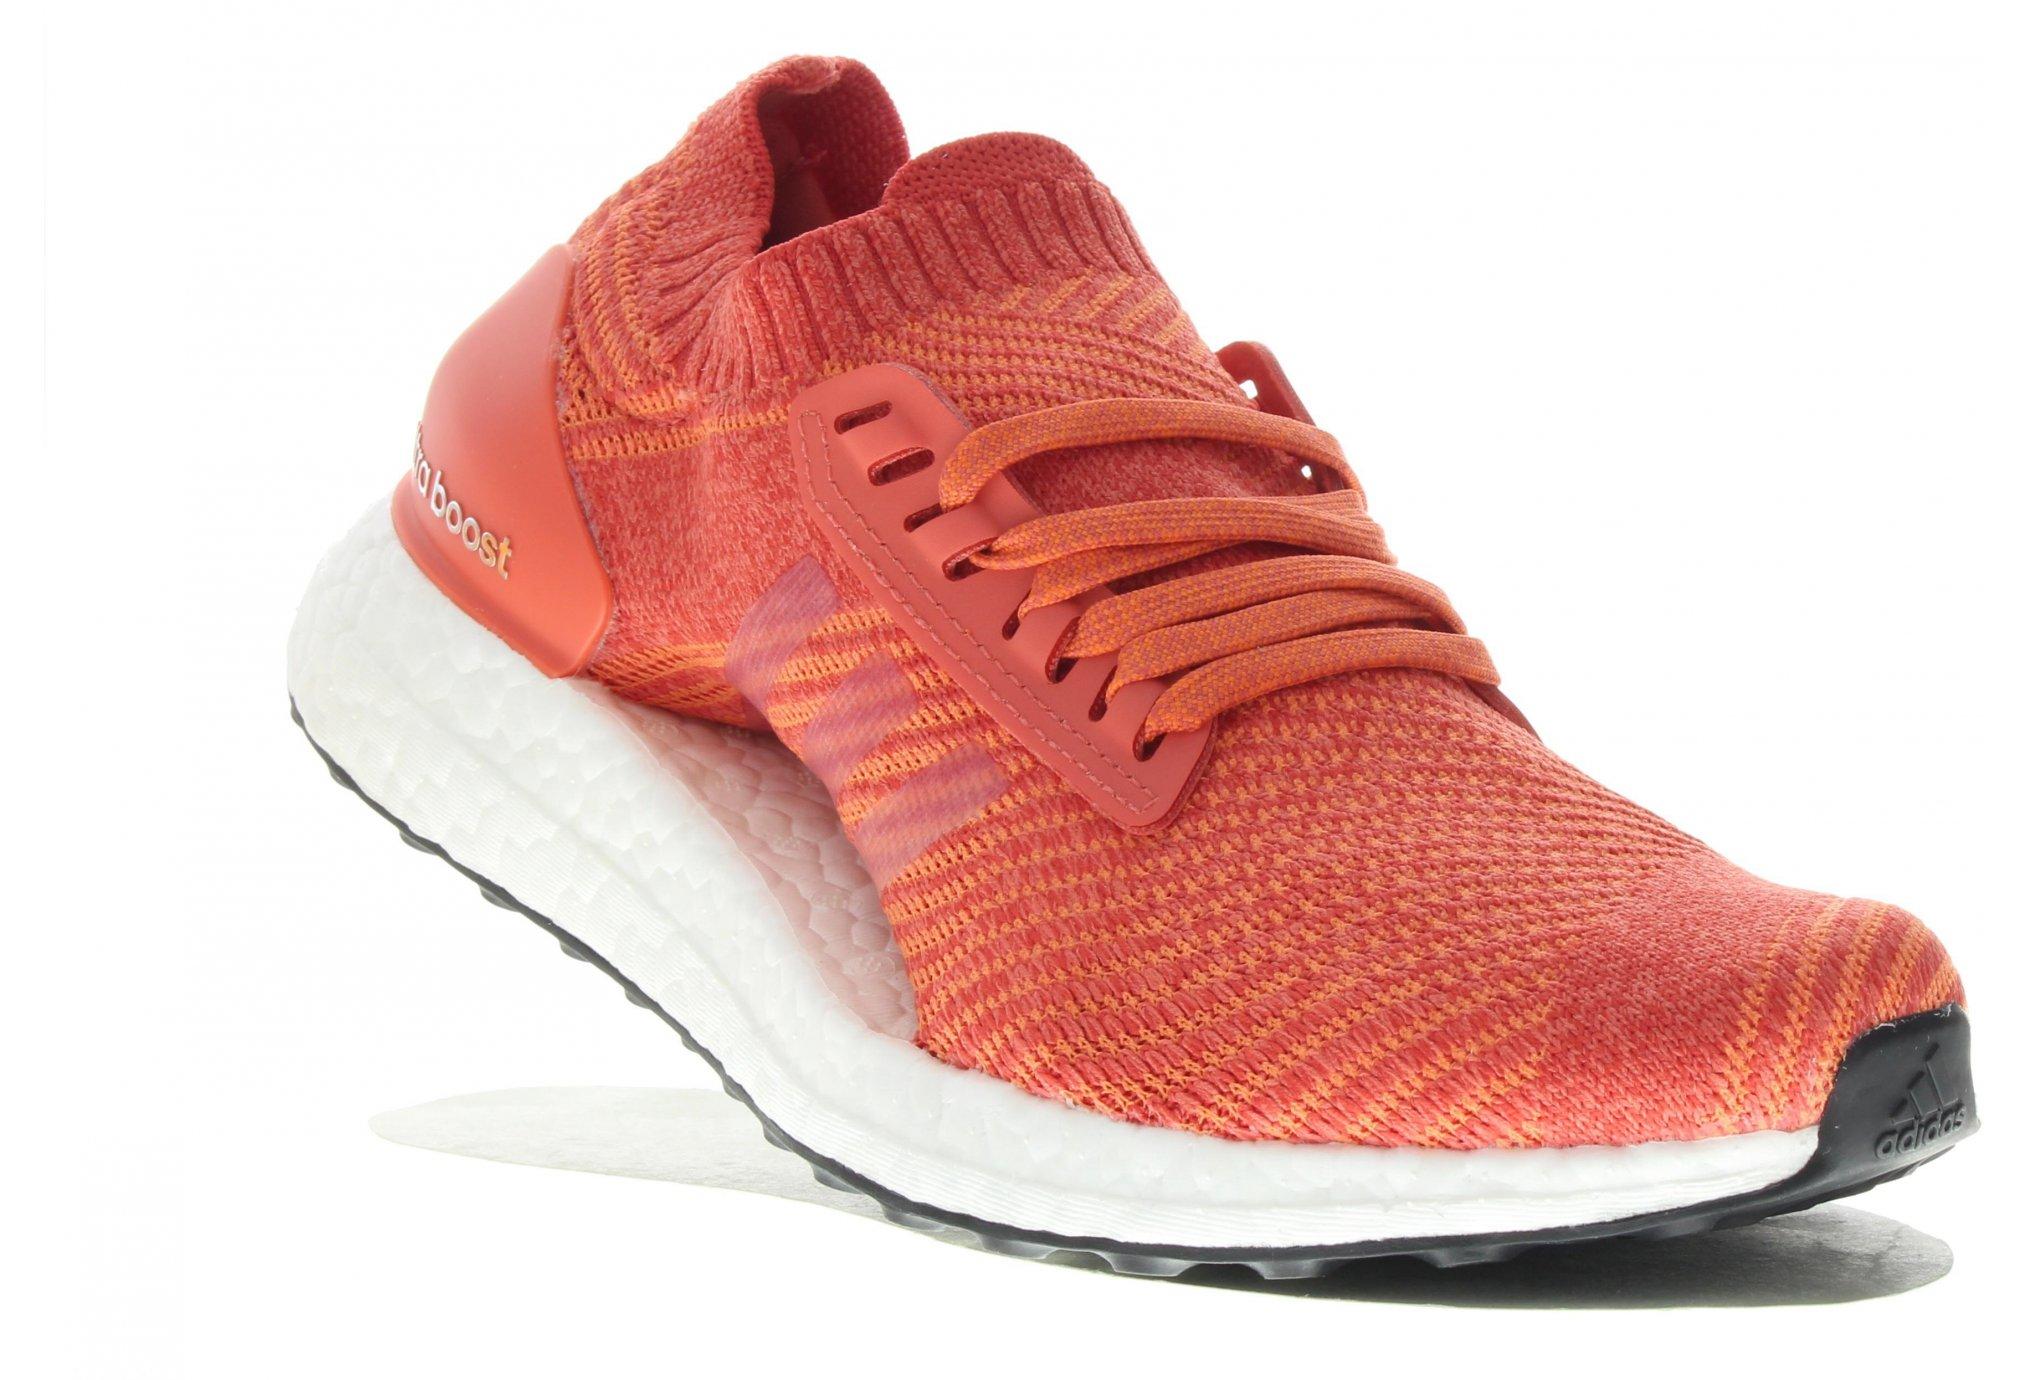 adidas UltraBOOST X W Diététique Chaussures femme